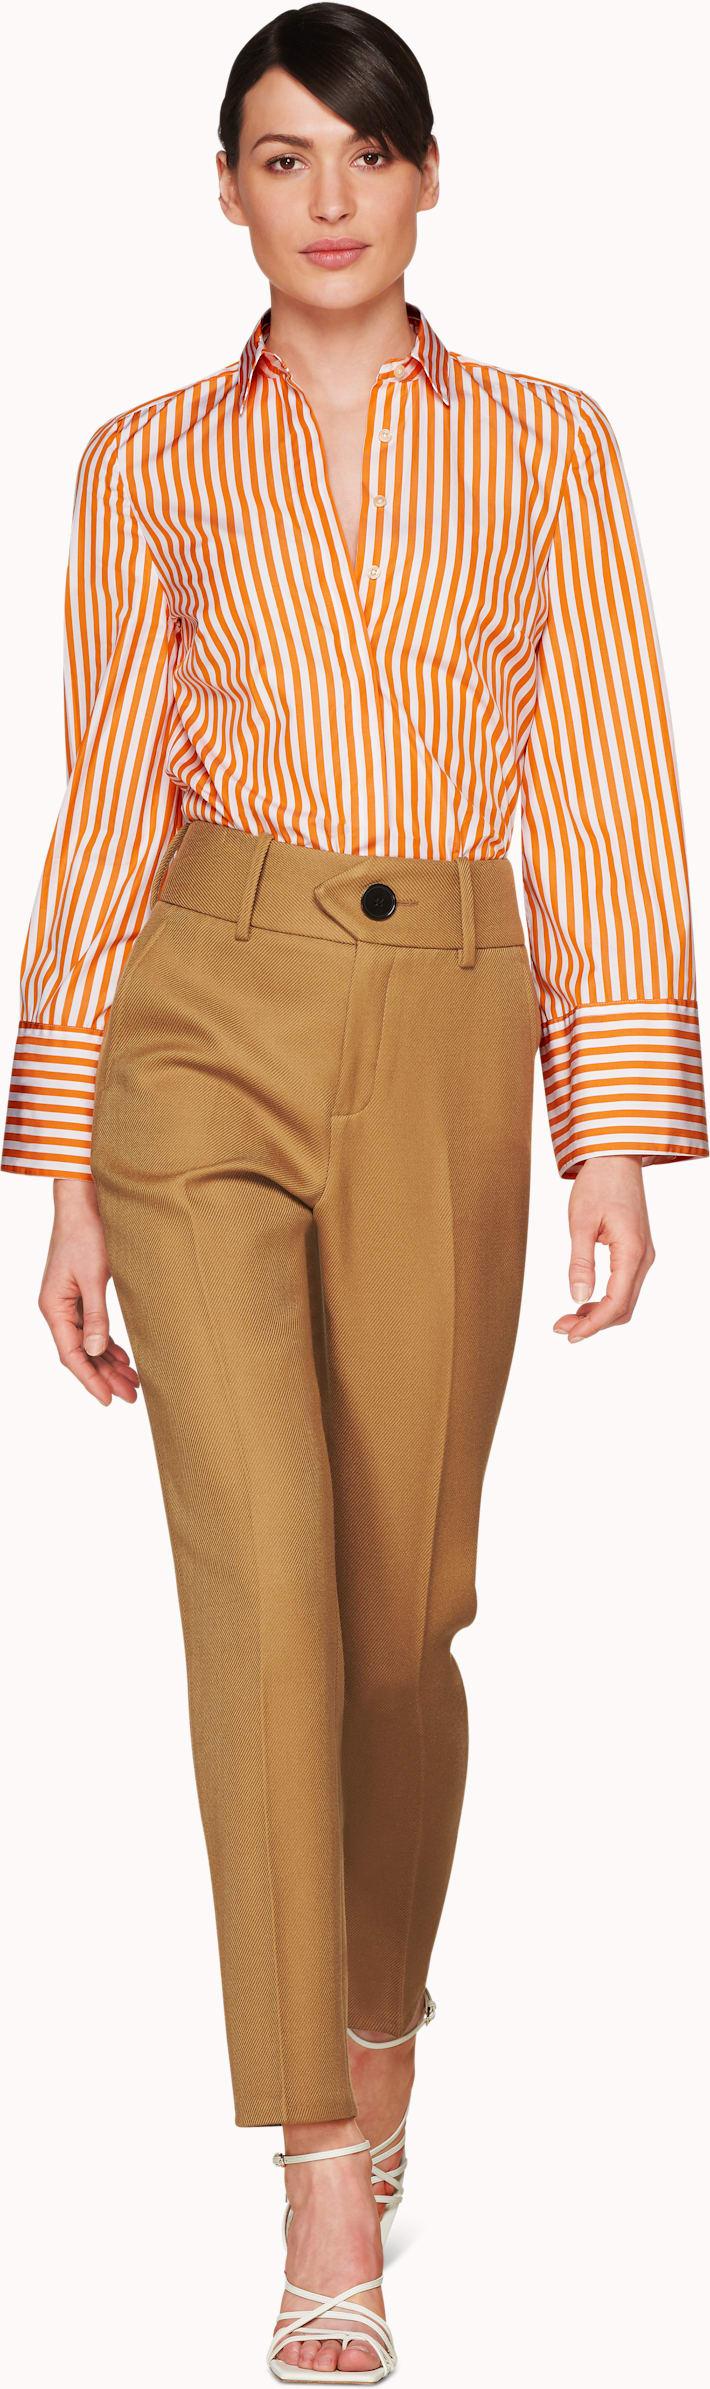 Curtis Carrot Striped Bell Sleeve Shirt